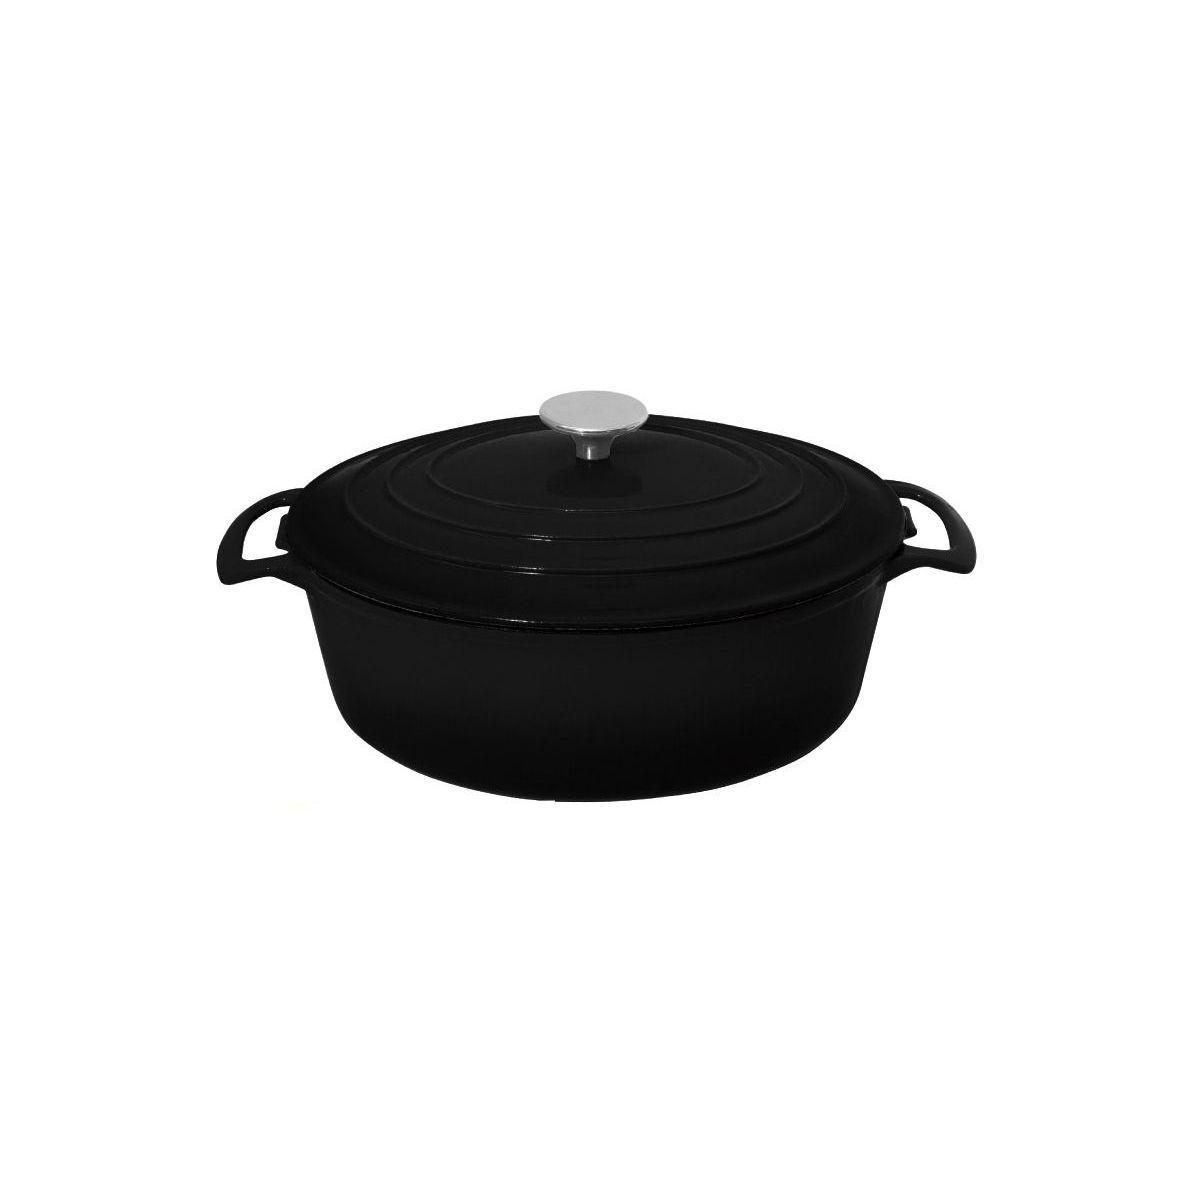 Cocotte ovale table & cook daubi�re font - 20% de remise imm�diate avec le code : noel20 (photo)